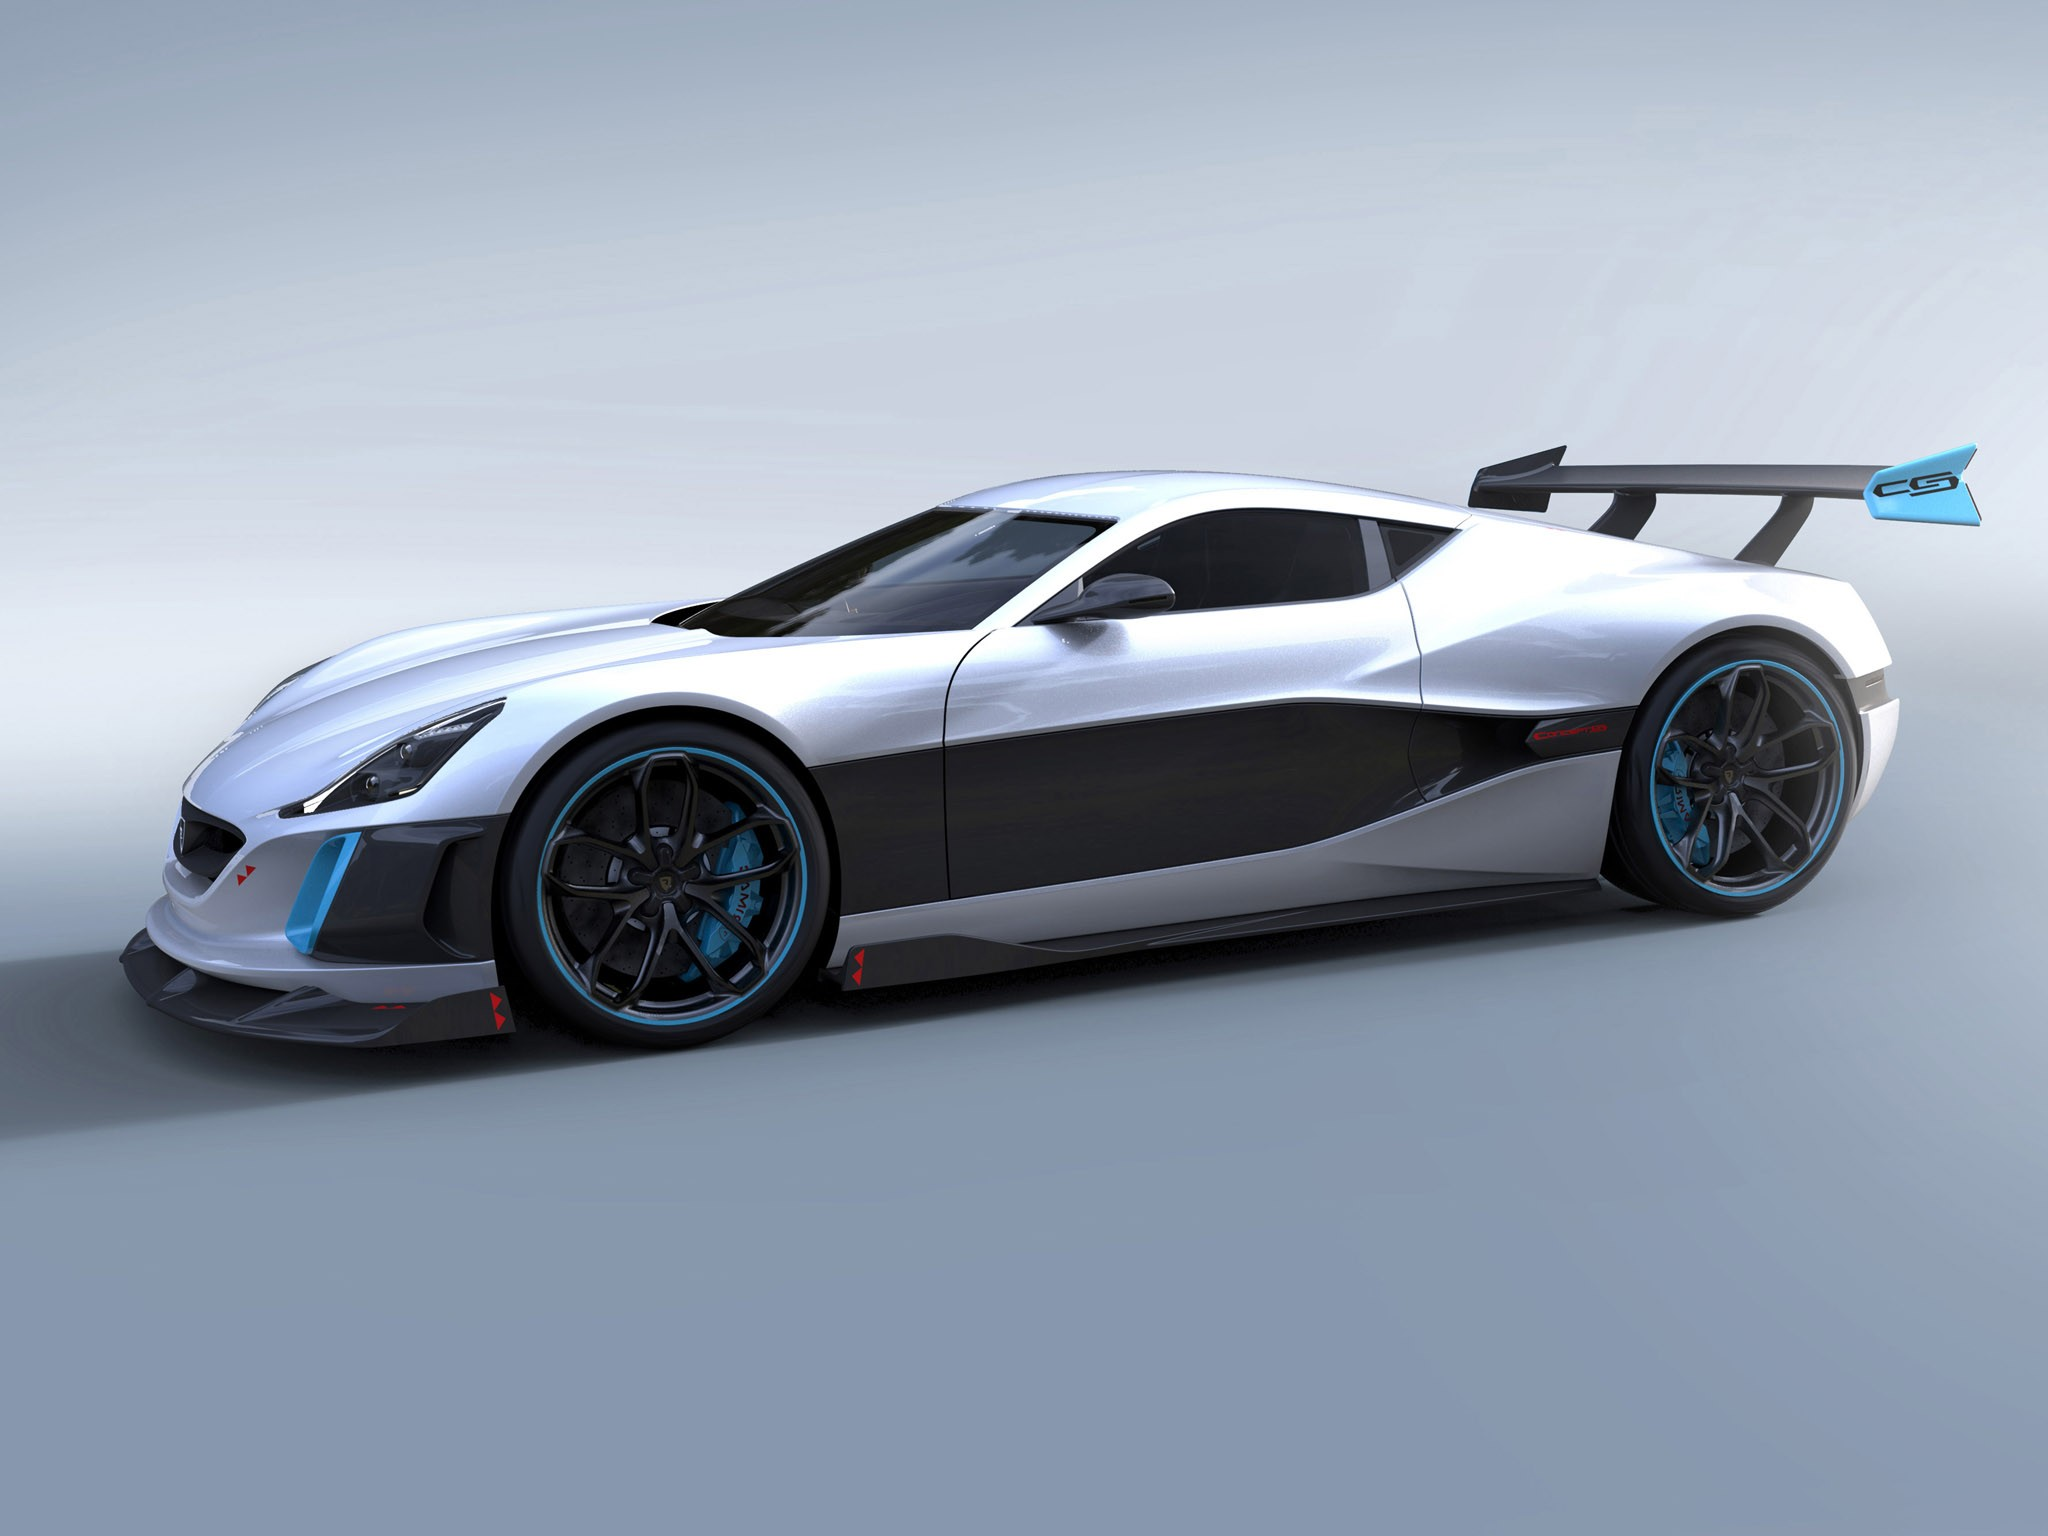 Rimac Concept S 2016 - La super-car électrique